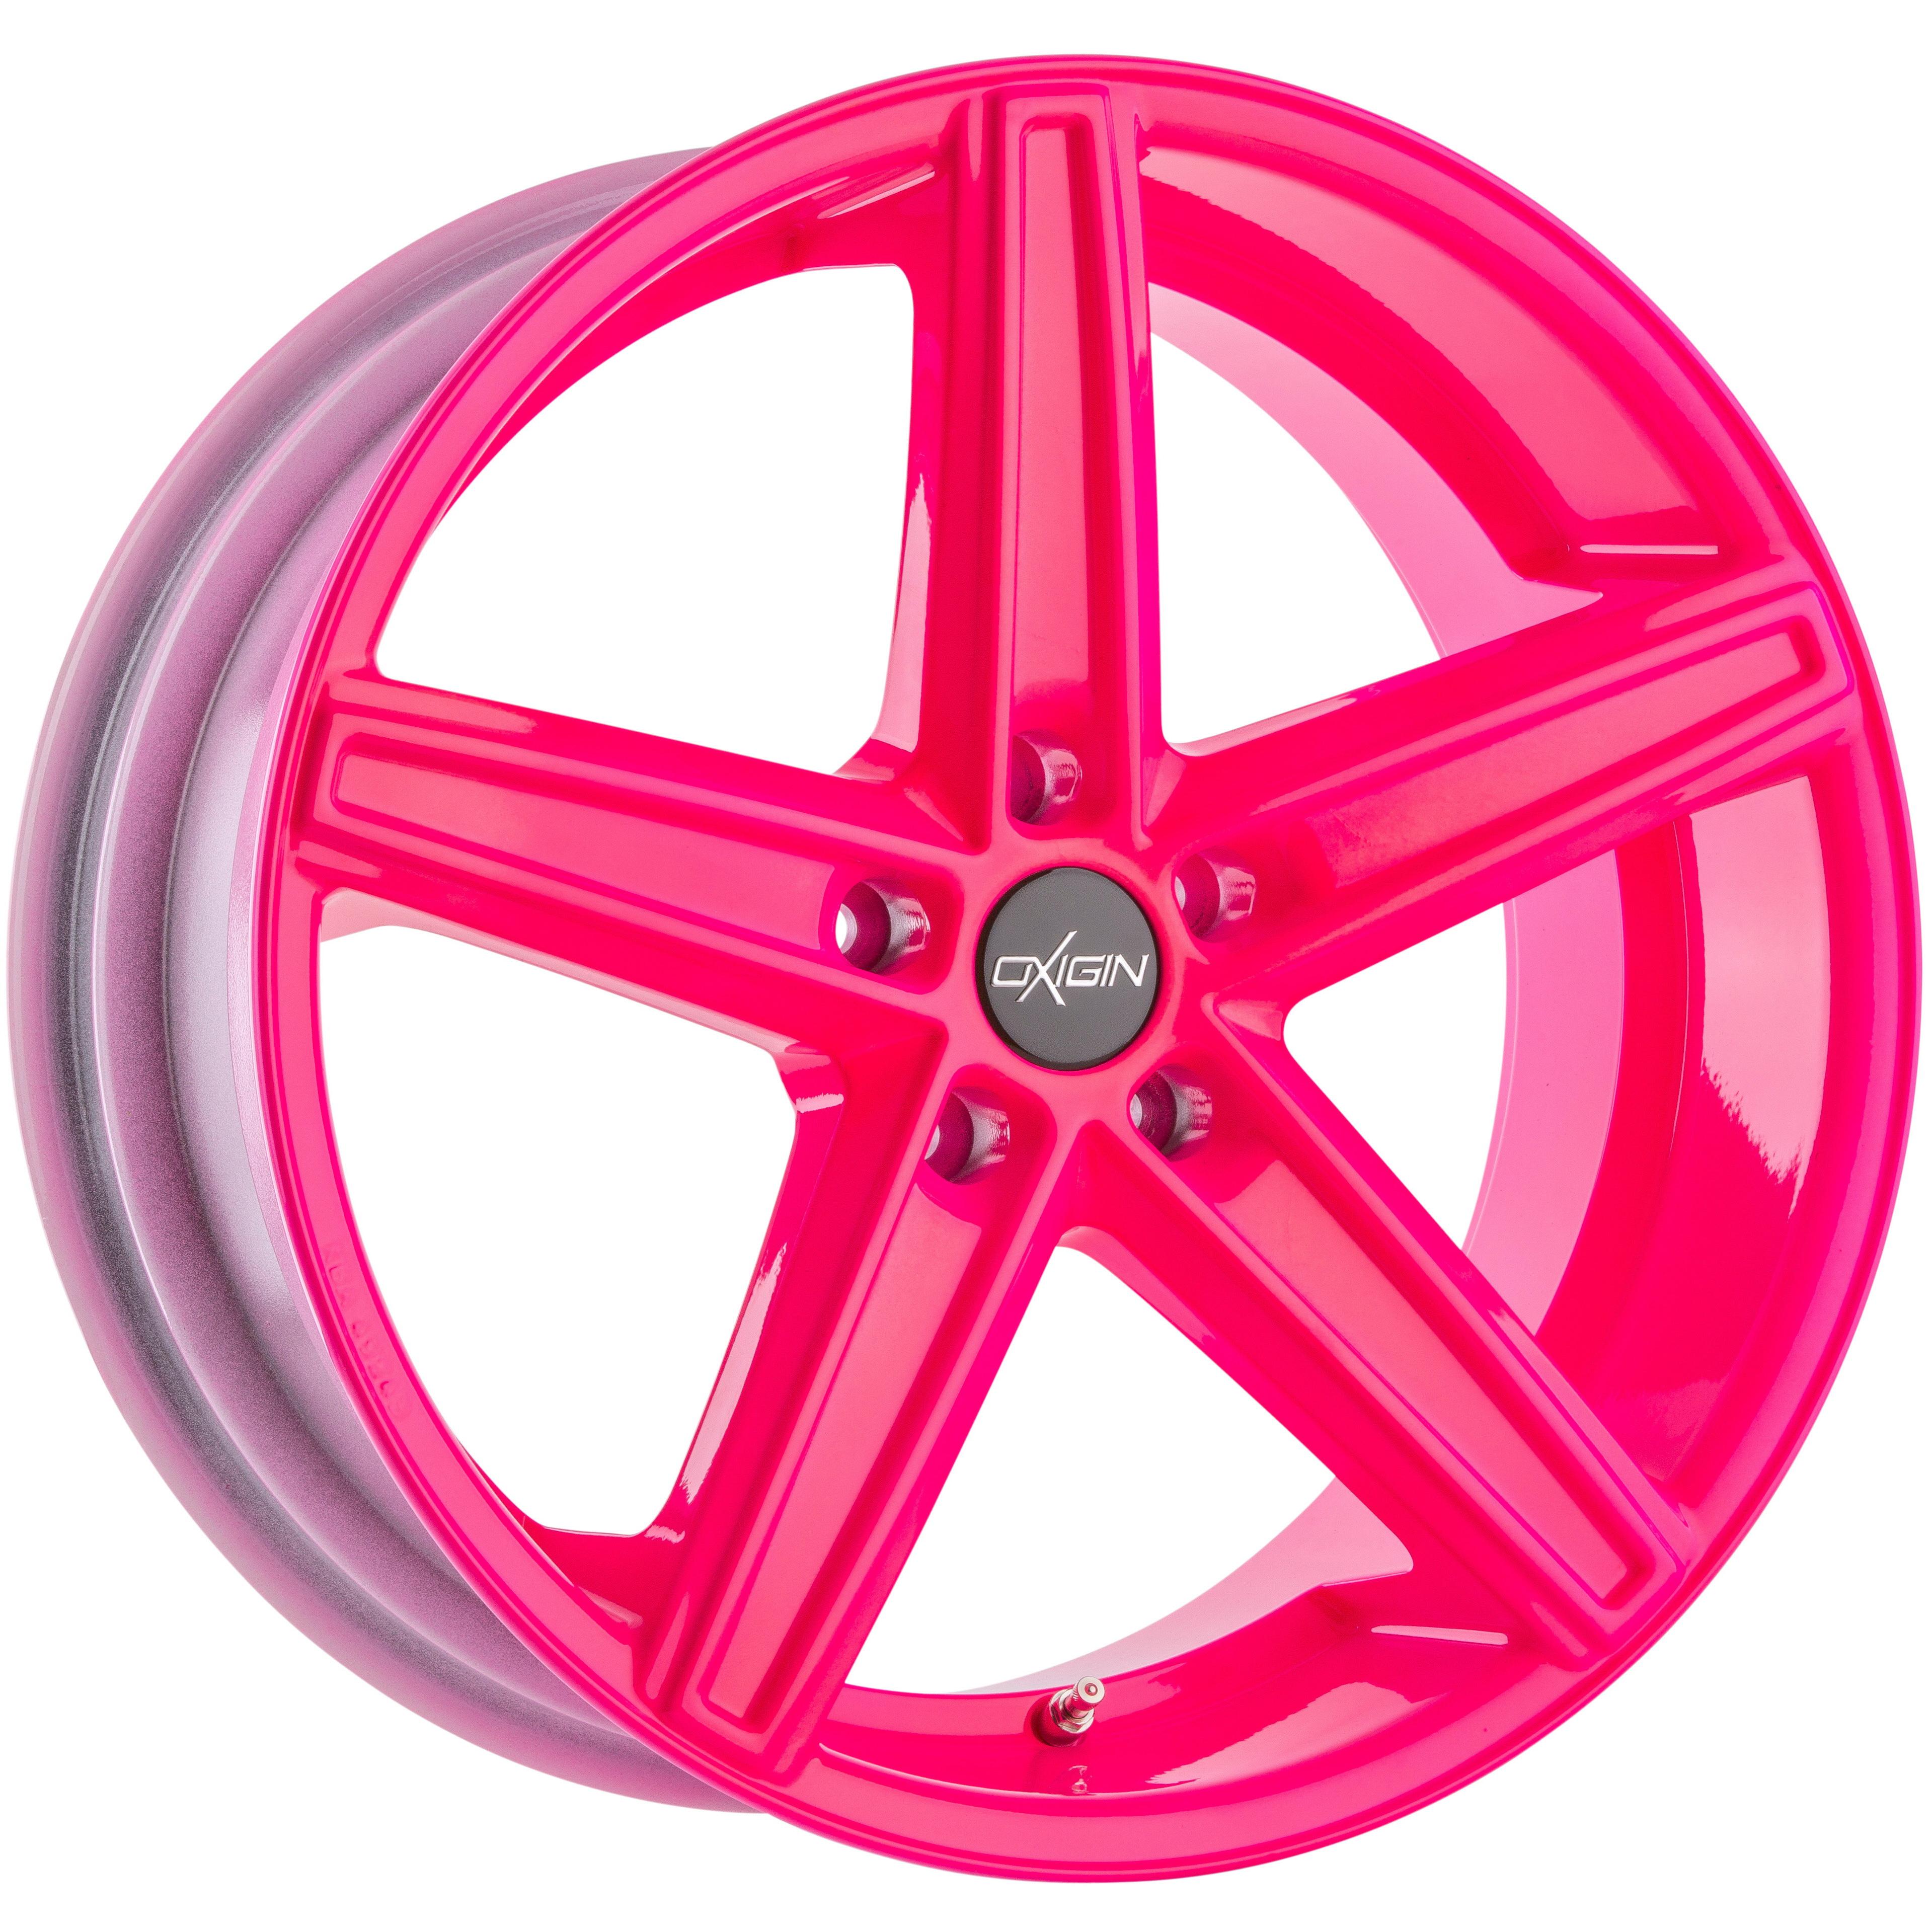 Oxigin OX 18 neon pink